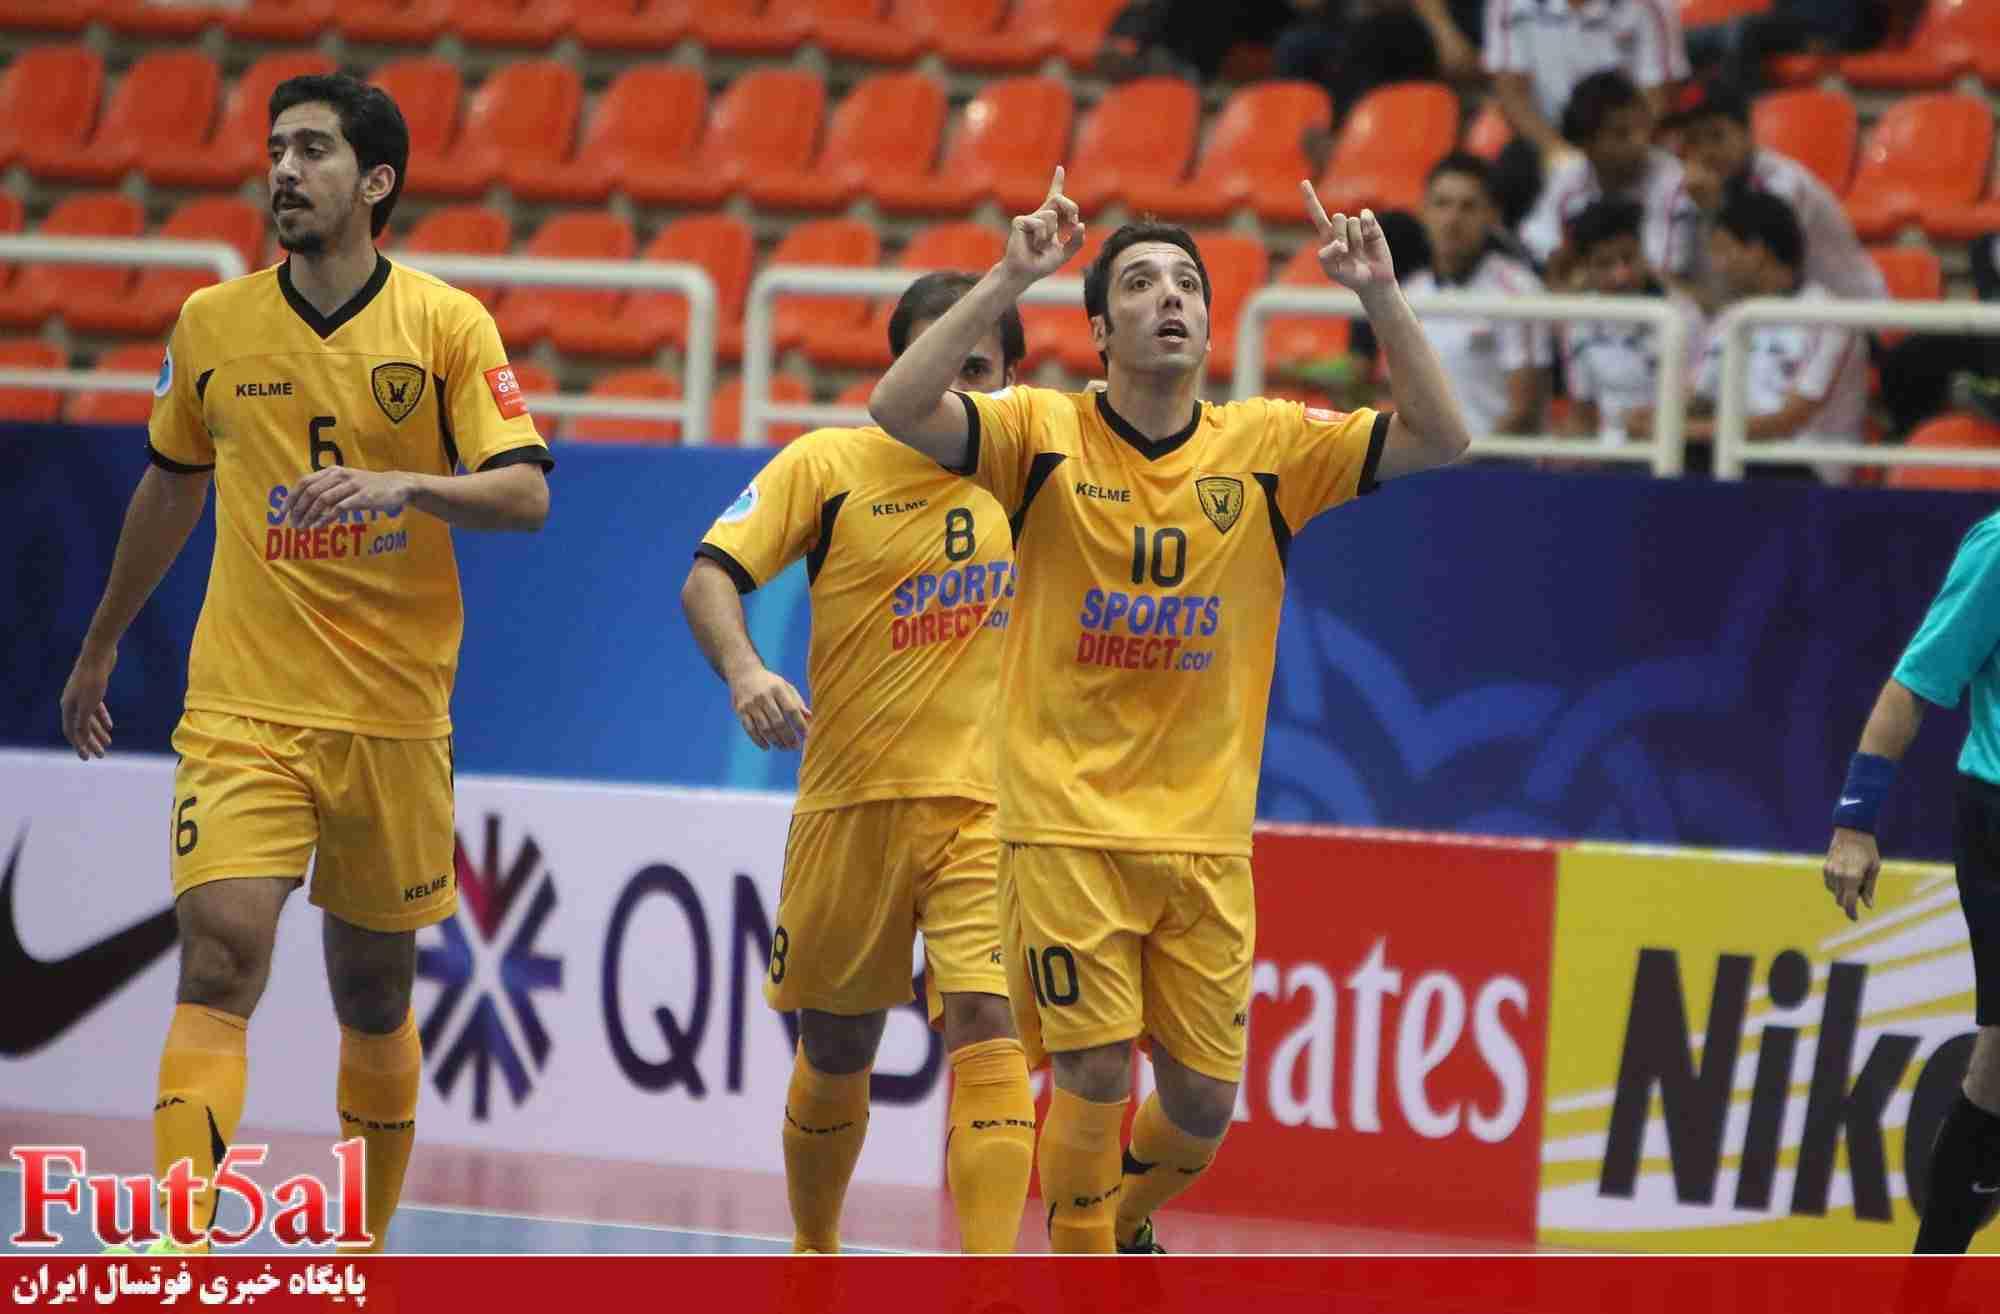 گزارش تصویری اختصاصی/بازی تیم های القادسیه کویت با امجک قرقیزستان